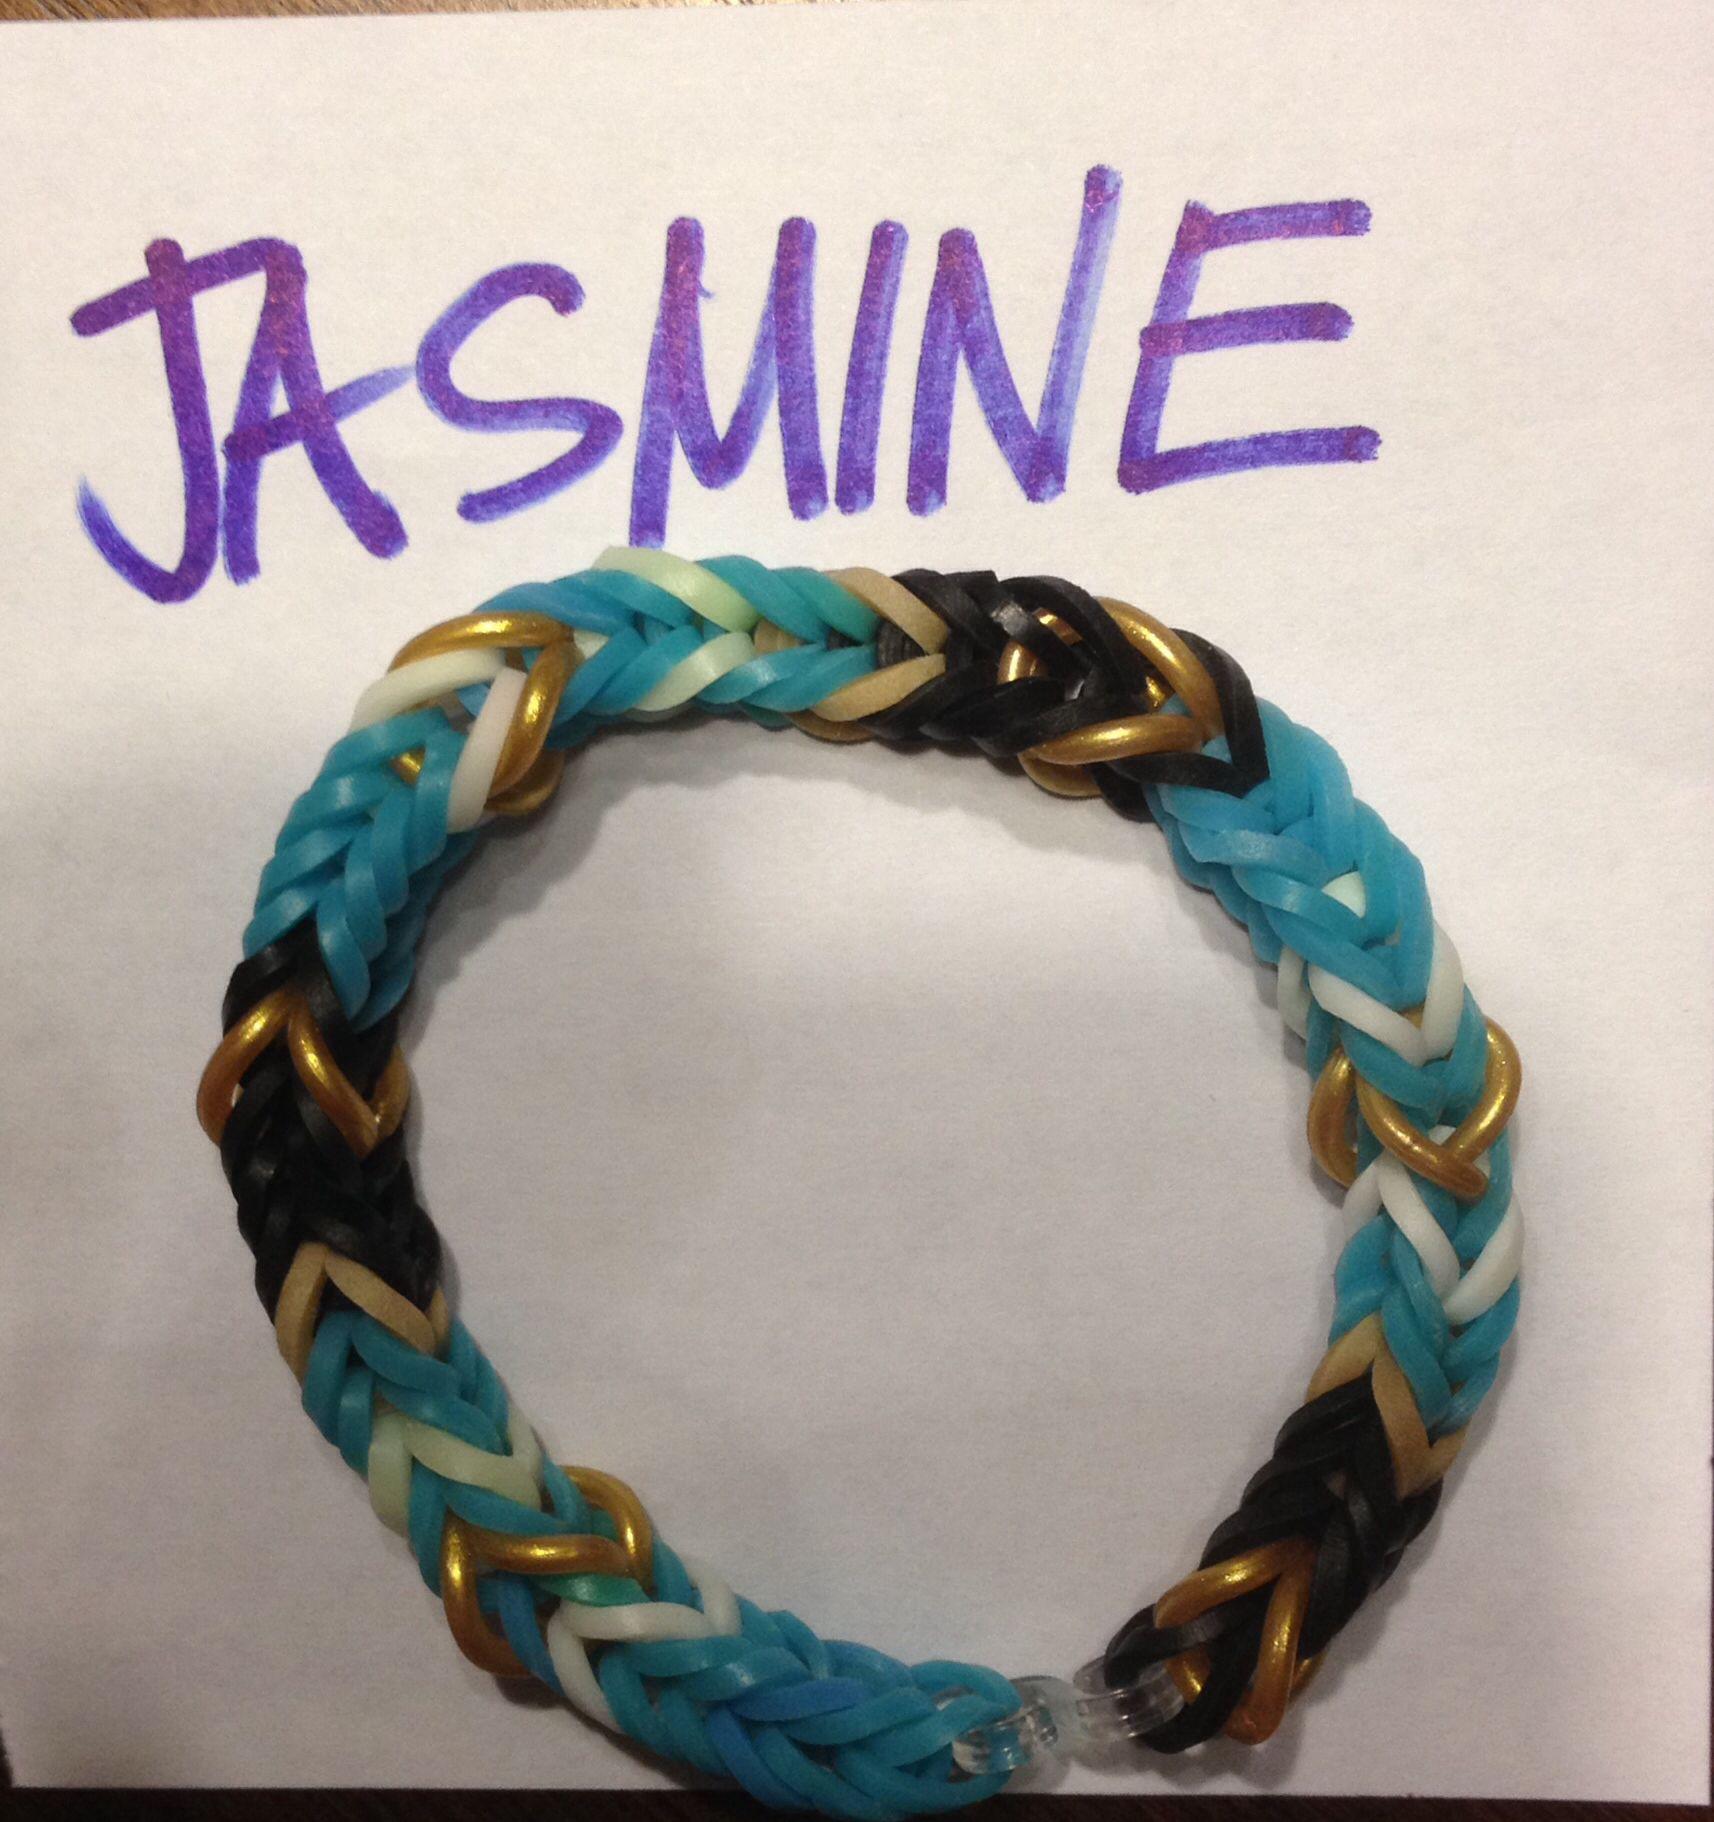 Disney Girls Rubber Band Bracelet: Jasmine Inspired Colors